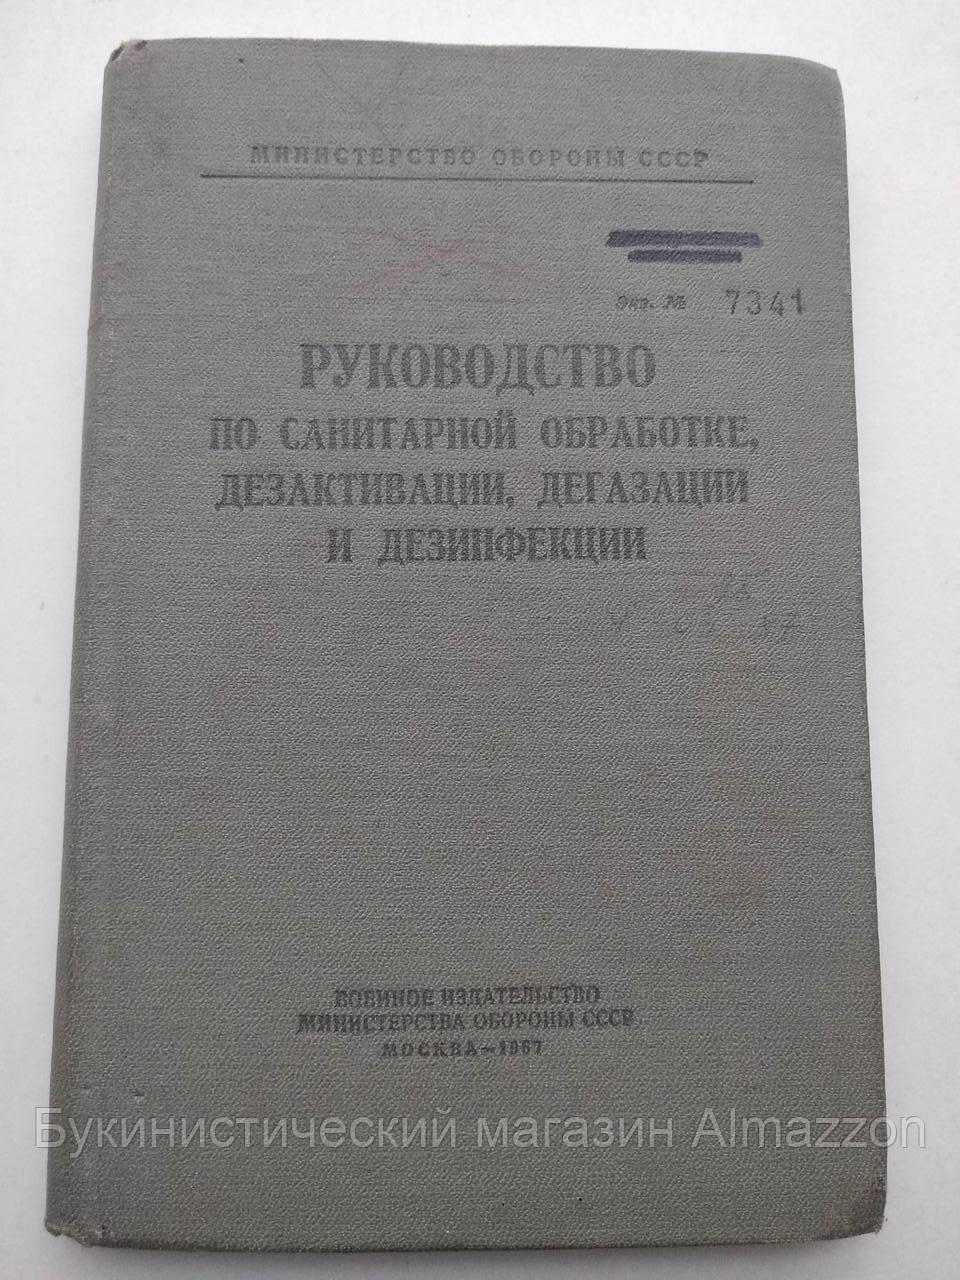 Руководство по санитарной обработке, дезактивации, дегазации и дезинфекции. Мин-во обороны СССР